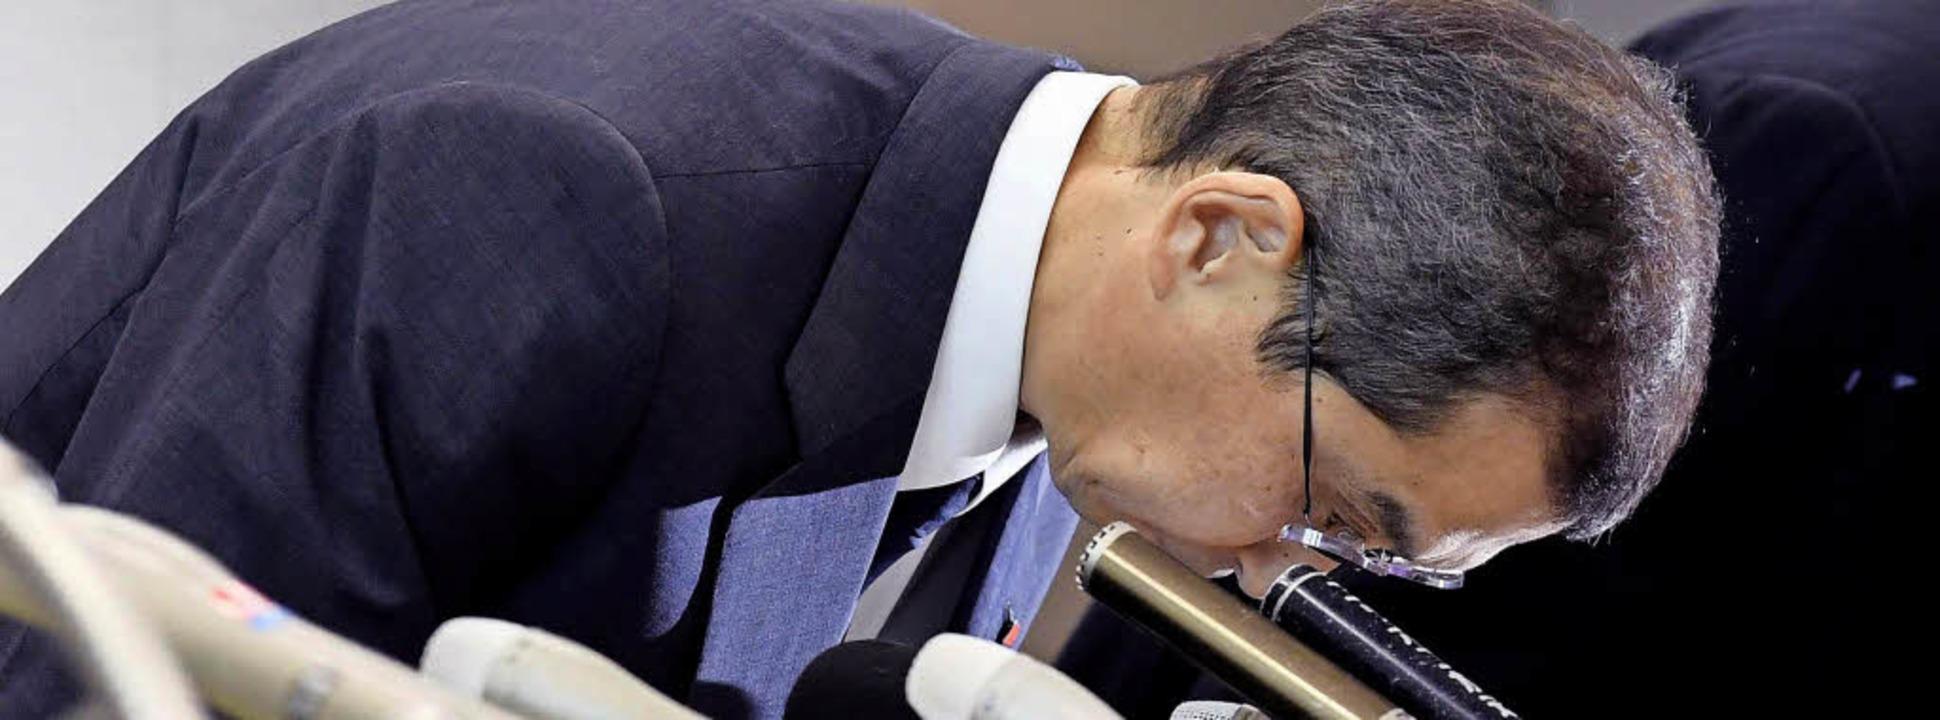 Shigehisa Takada, der Geschäftsführer ...enz des Unternehmens angekündigt hat.     Foto: DPA